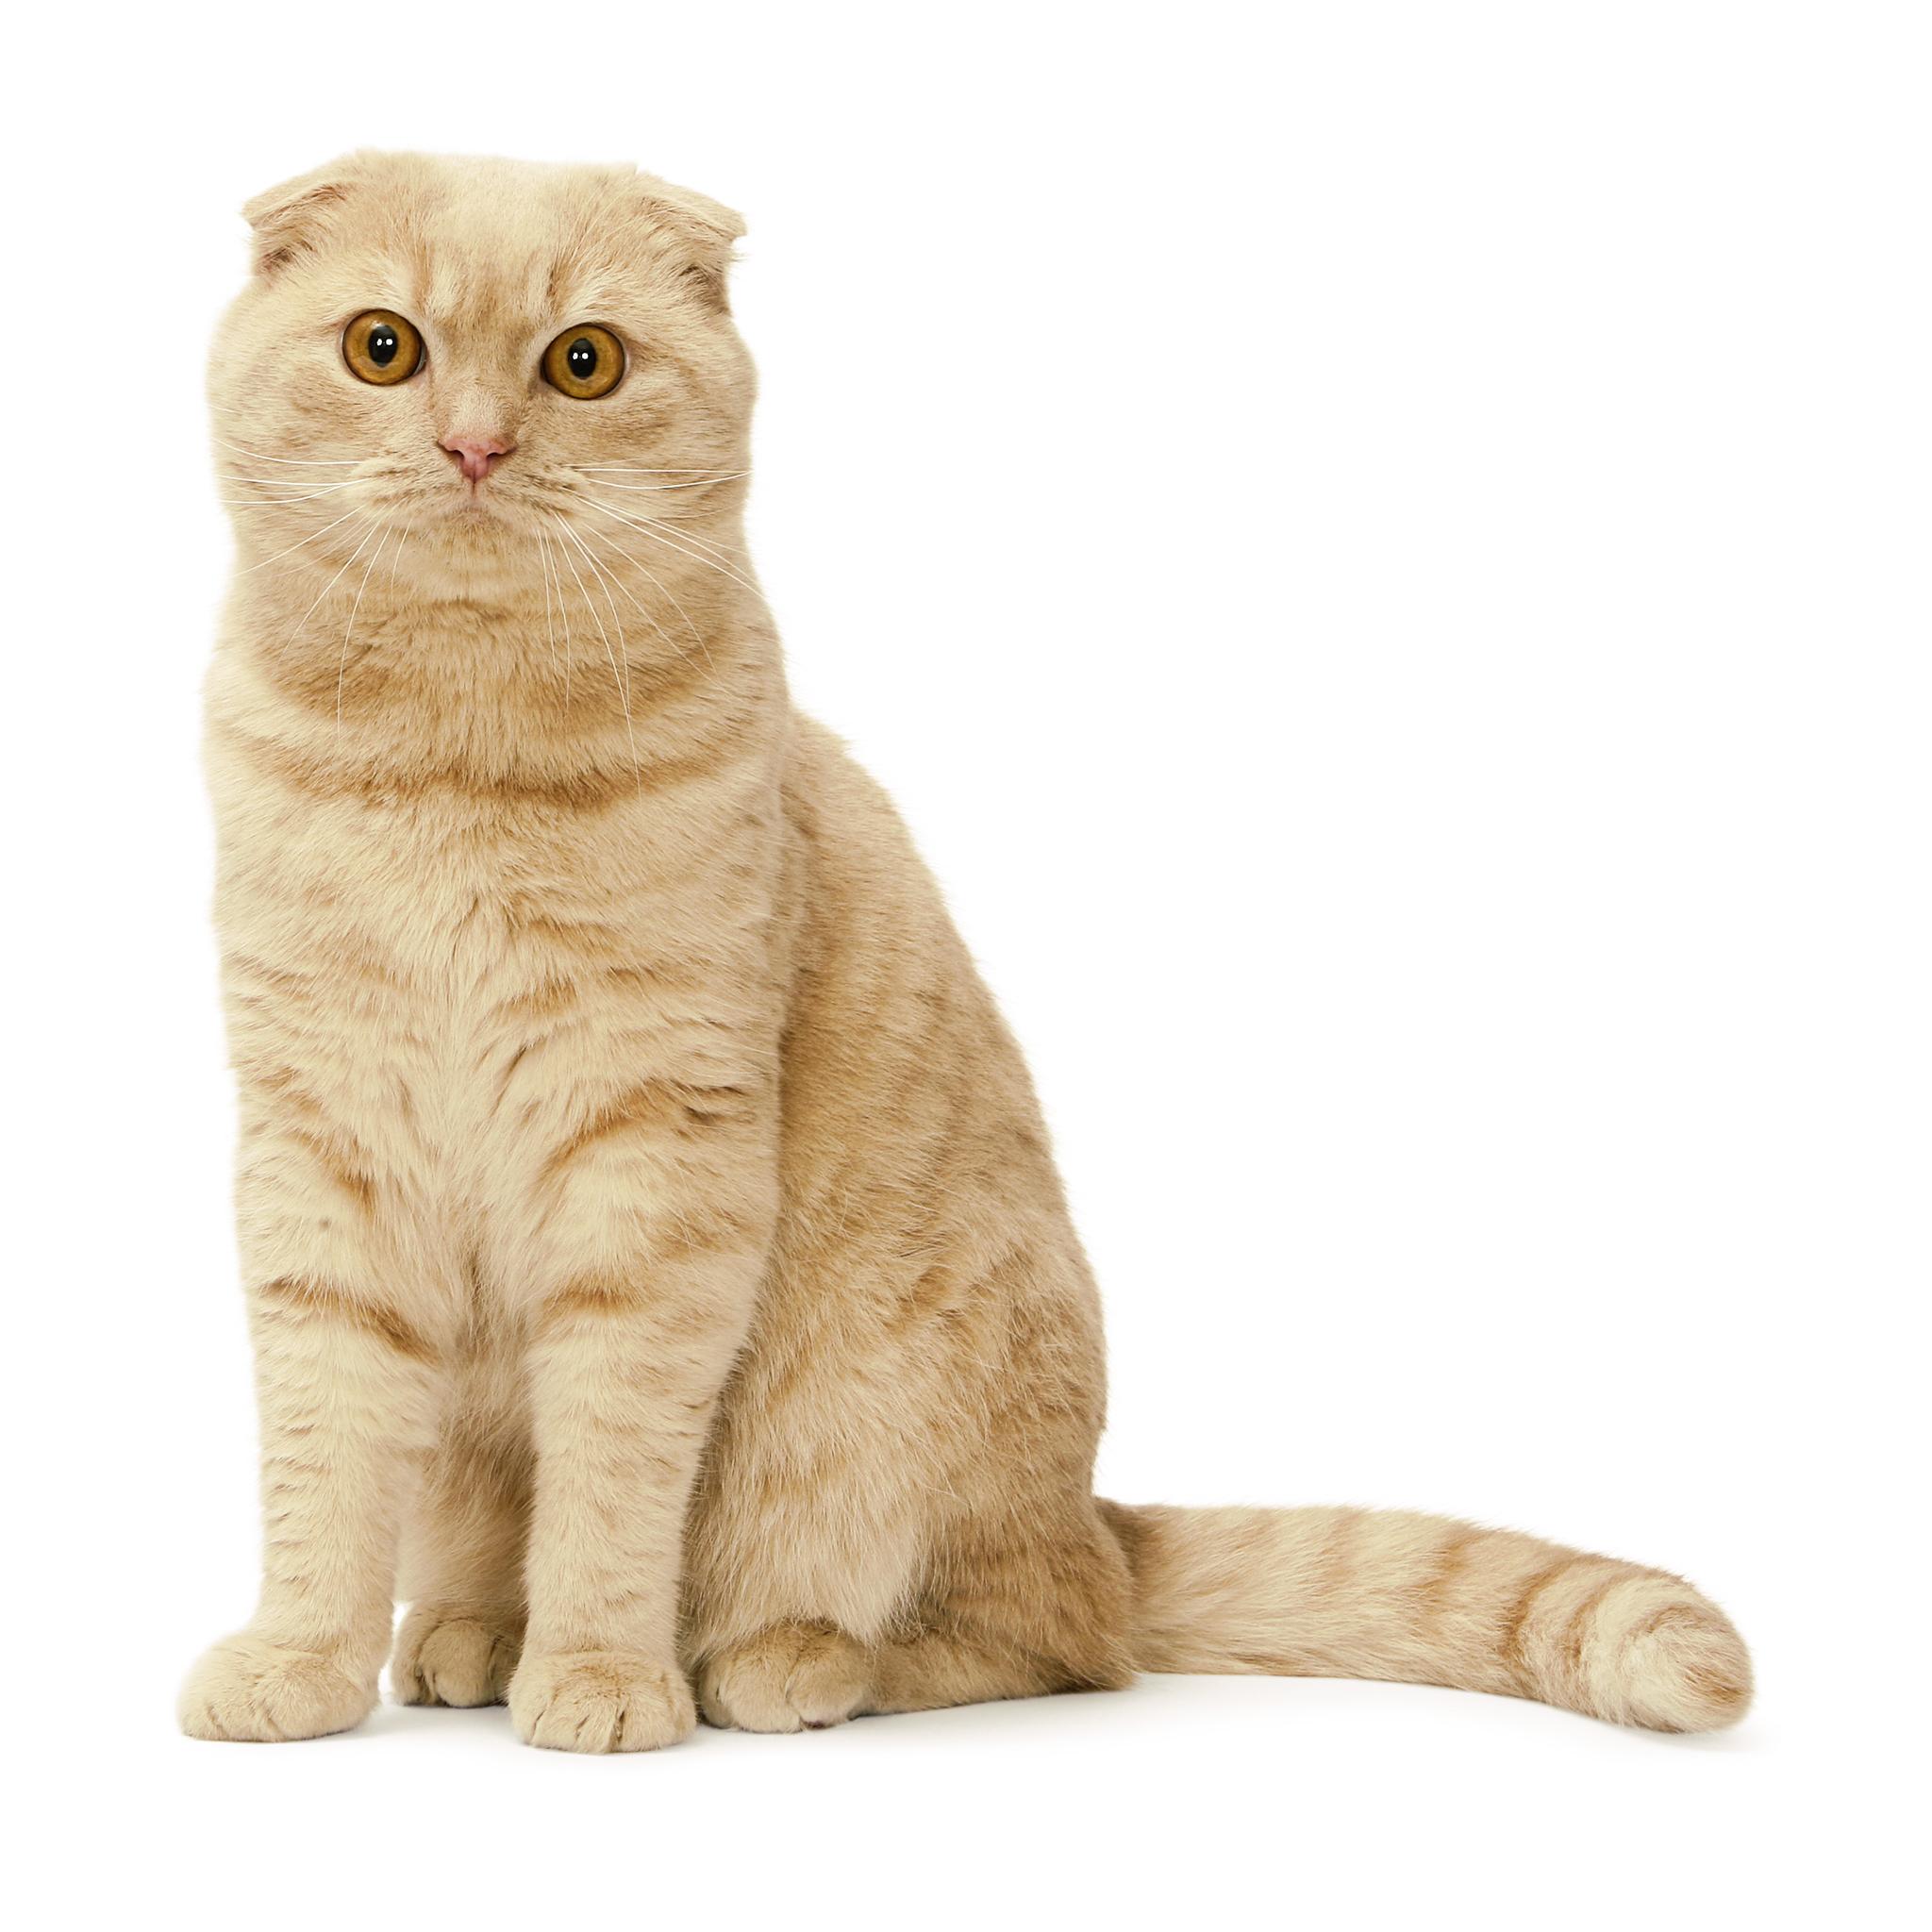 шотландская вислоухая кошка скоттиш фолд фото